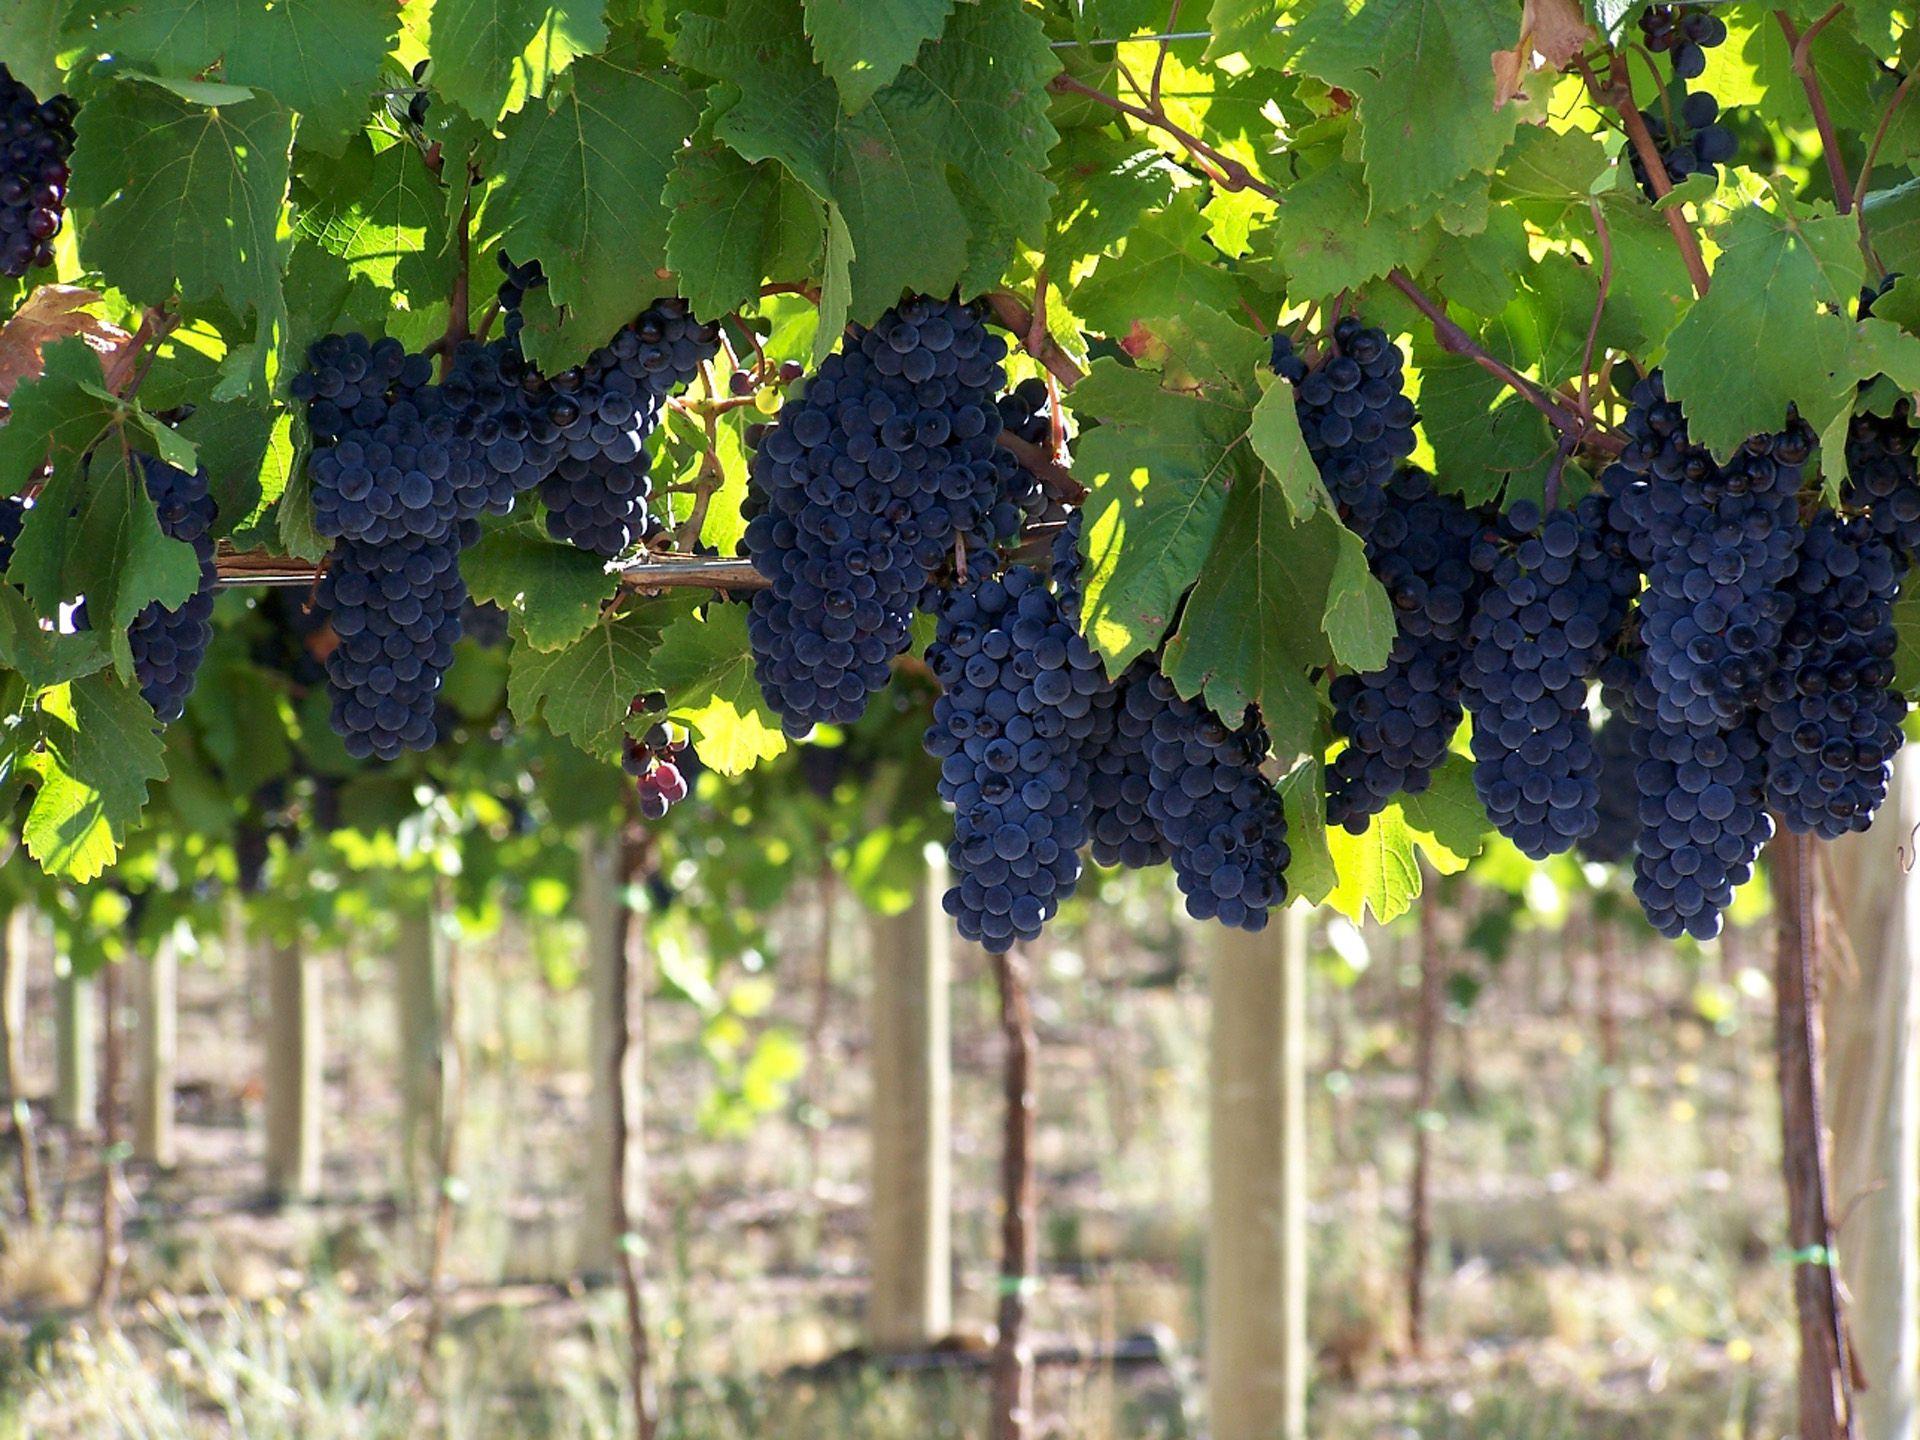 La vitivinicultura es otra de las economías regionales afectadas por la crisis